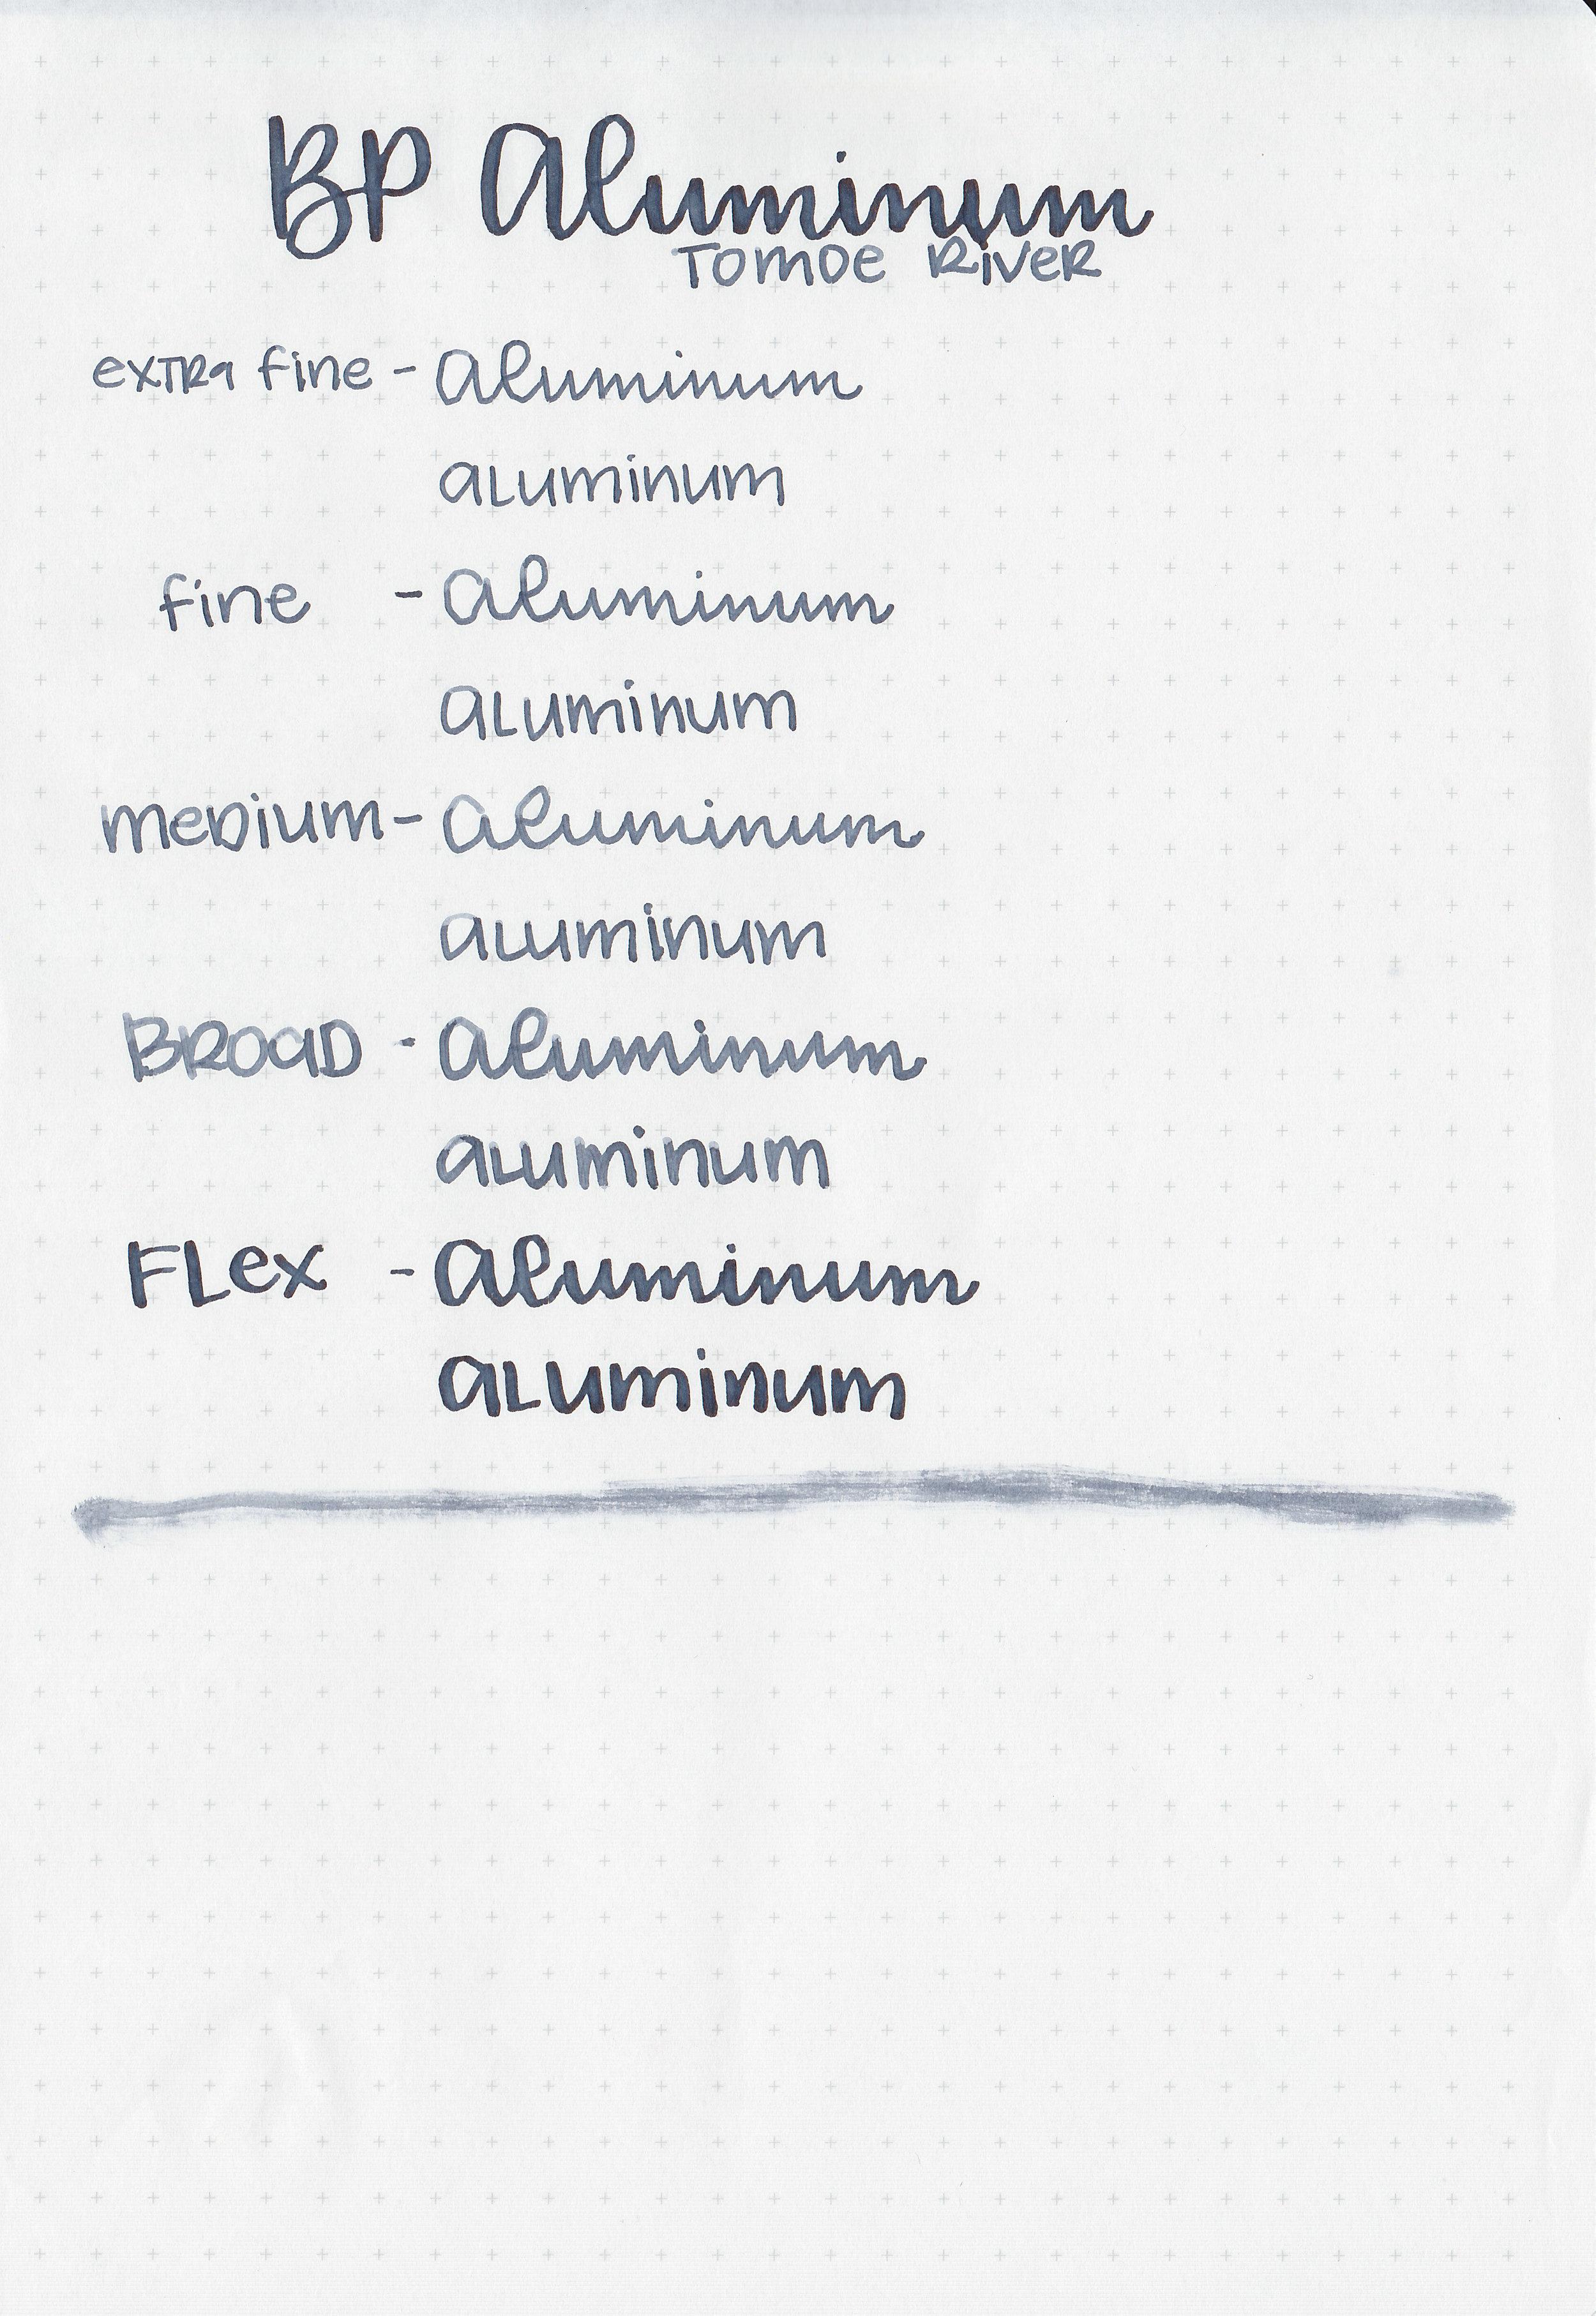 bp-aluminum-7.jpg